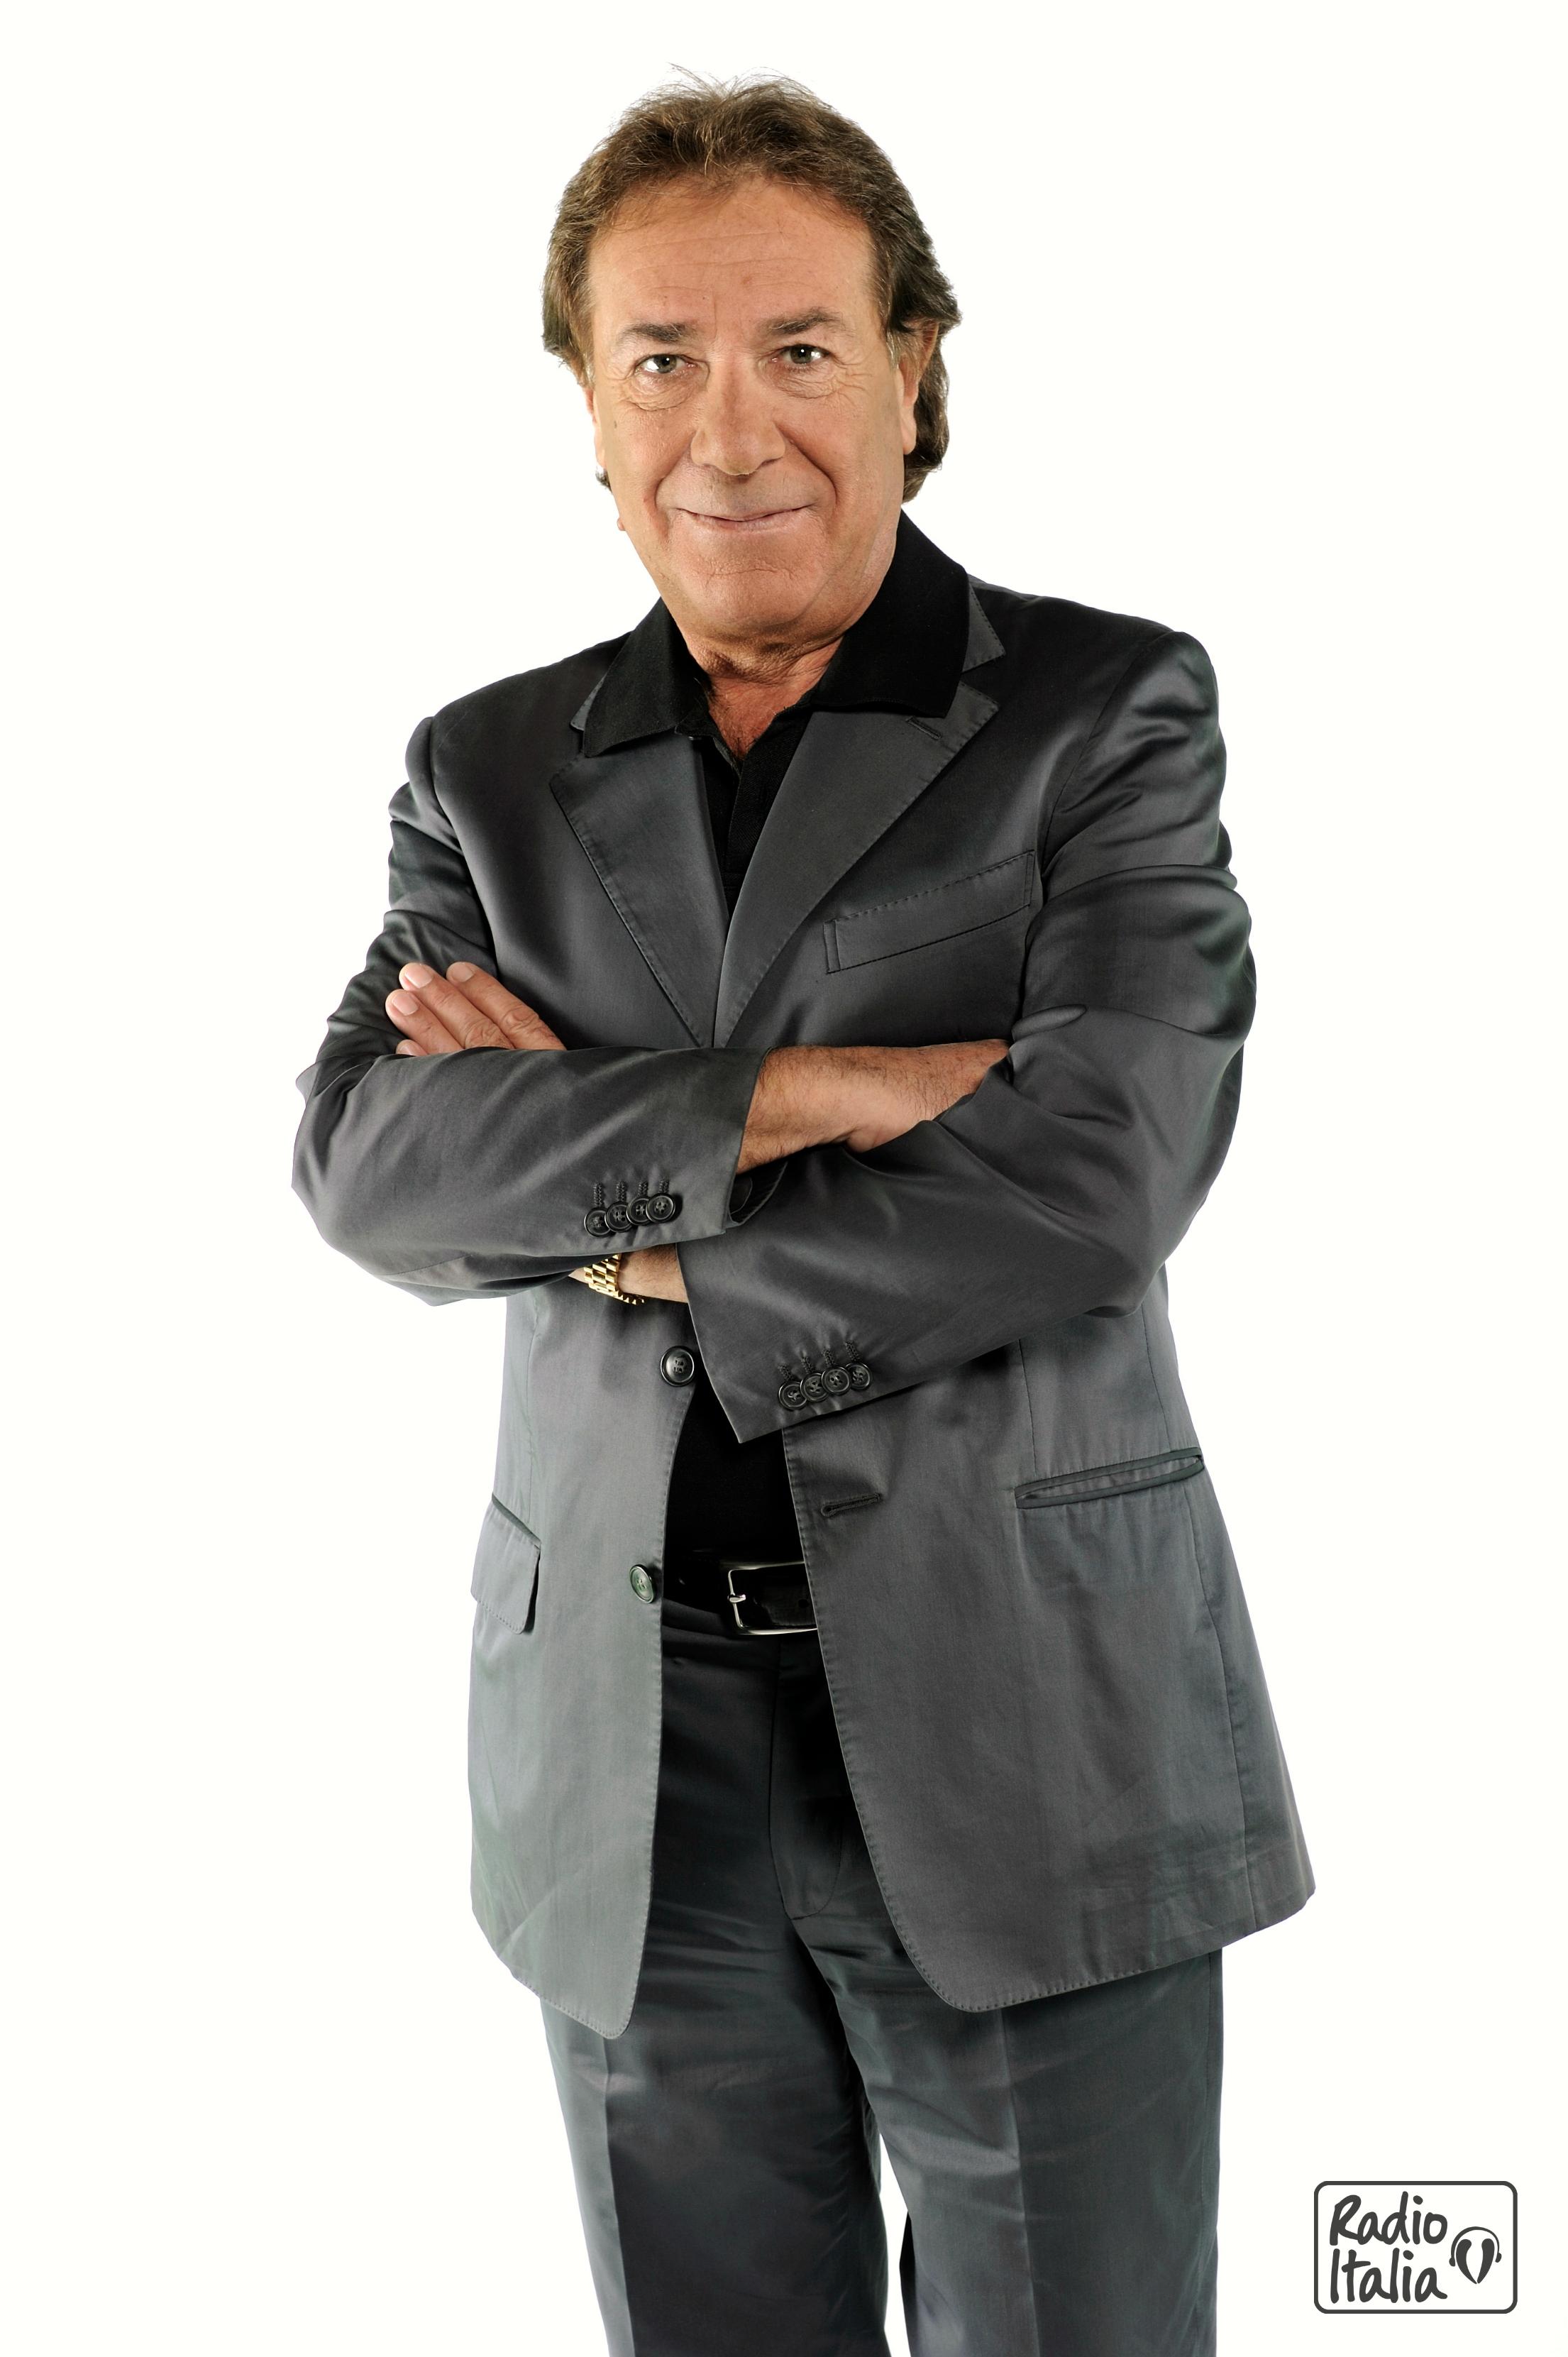 Mario Volanti - Radio. Volanti: Radio Italia prima ad aver creduto nella tv. Futuro sarà IP, ma radio prospererà. Aggregatori grande opportunità